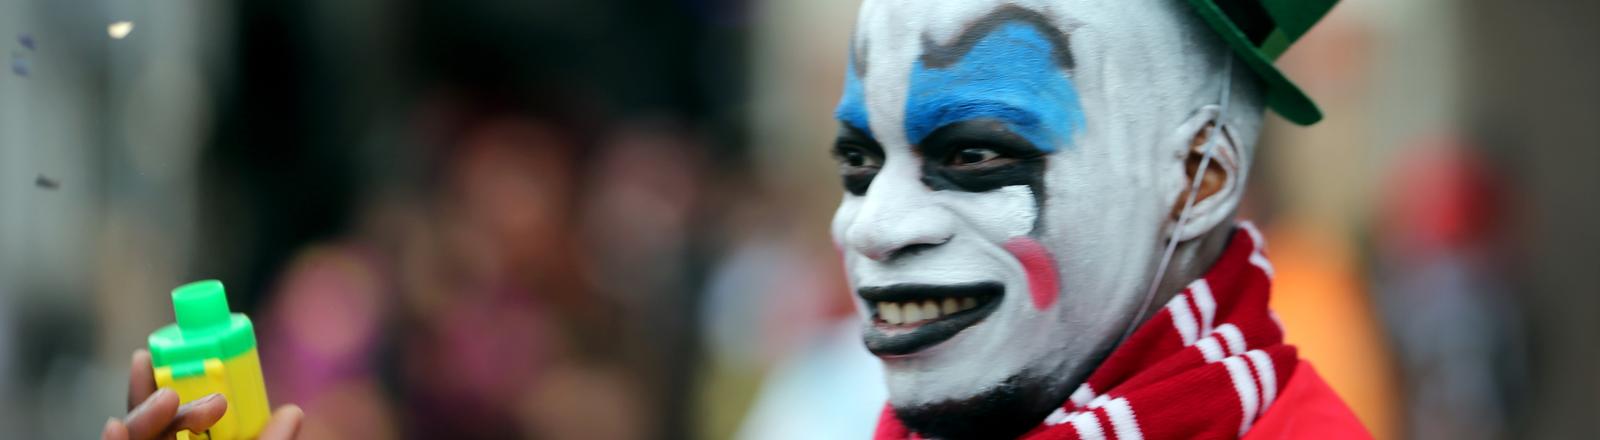 Ein Clown im Kölner Karneval.